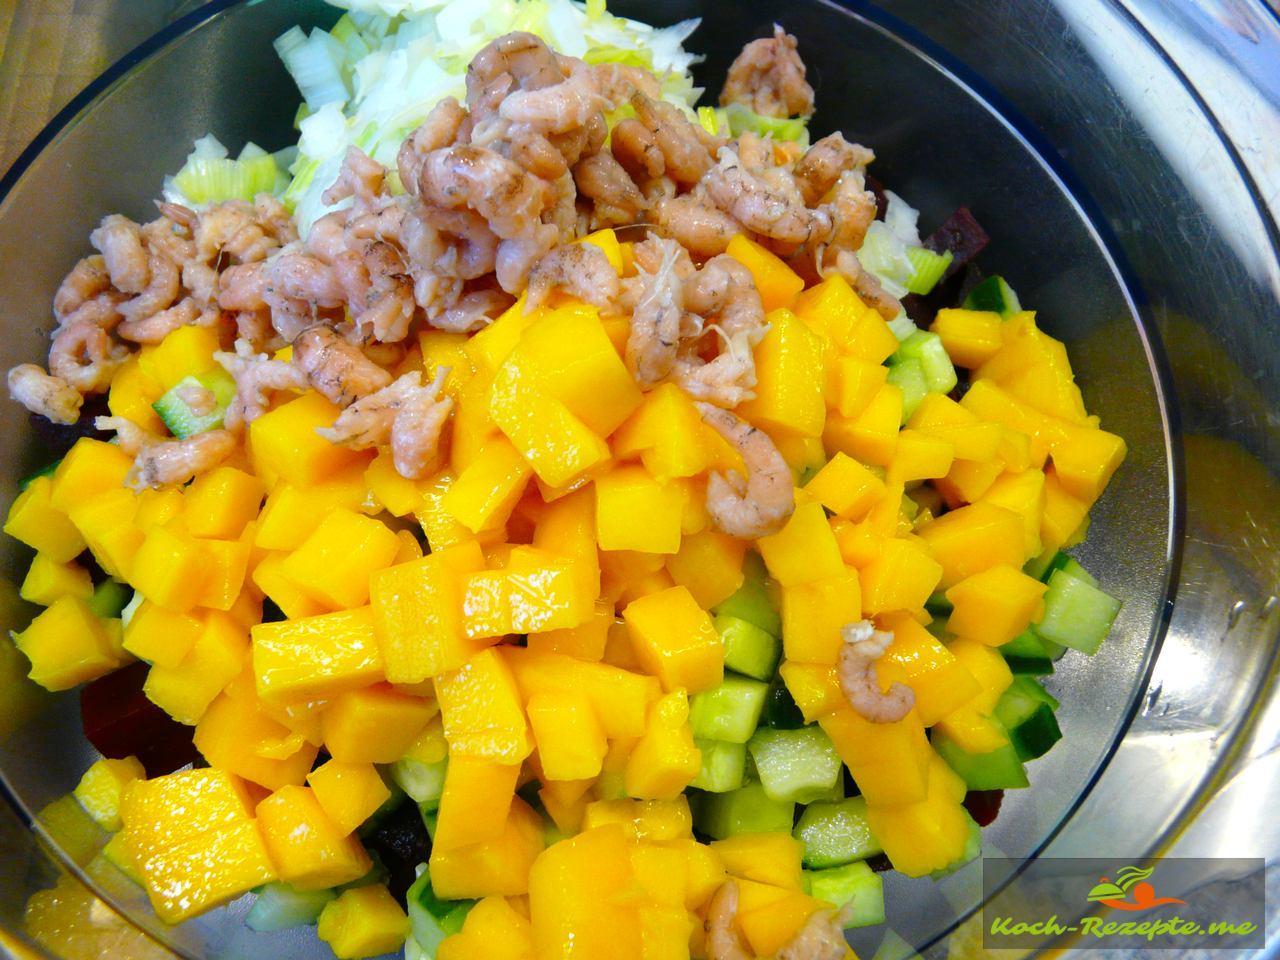 Sommersalat mit Nordsee Krabben und frischer Mango